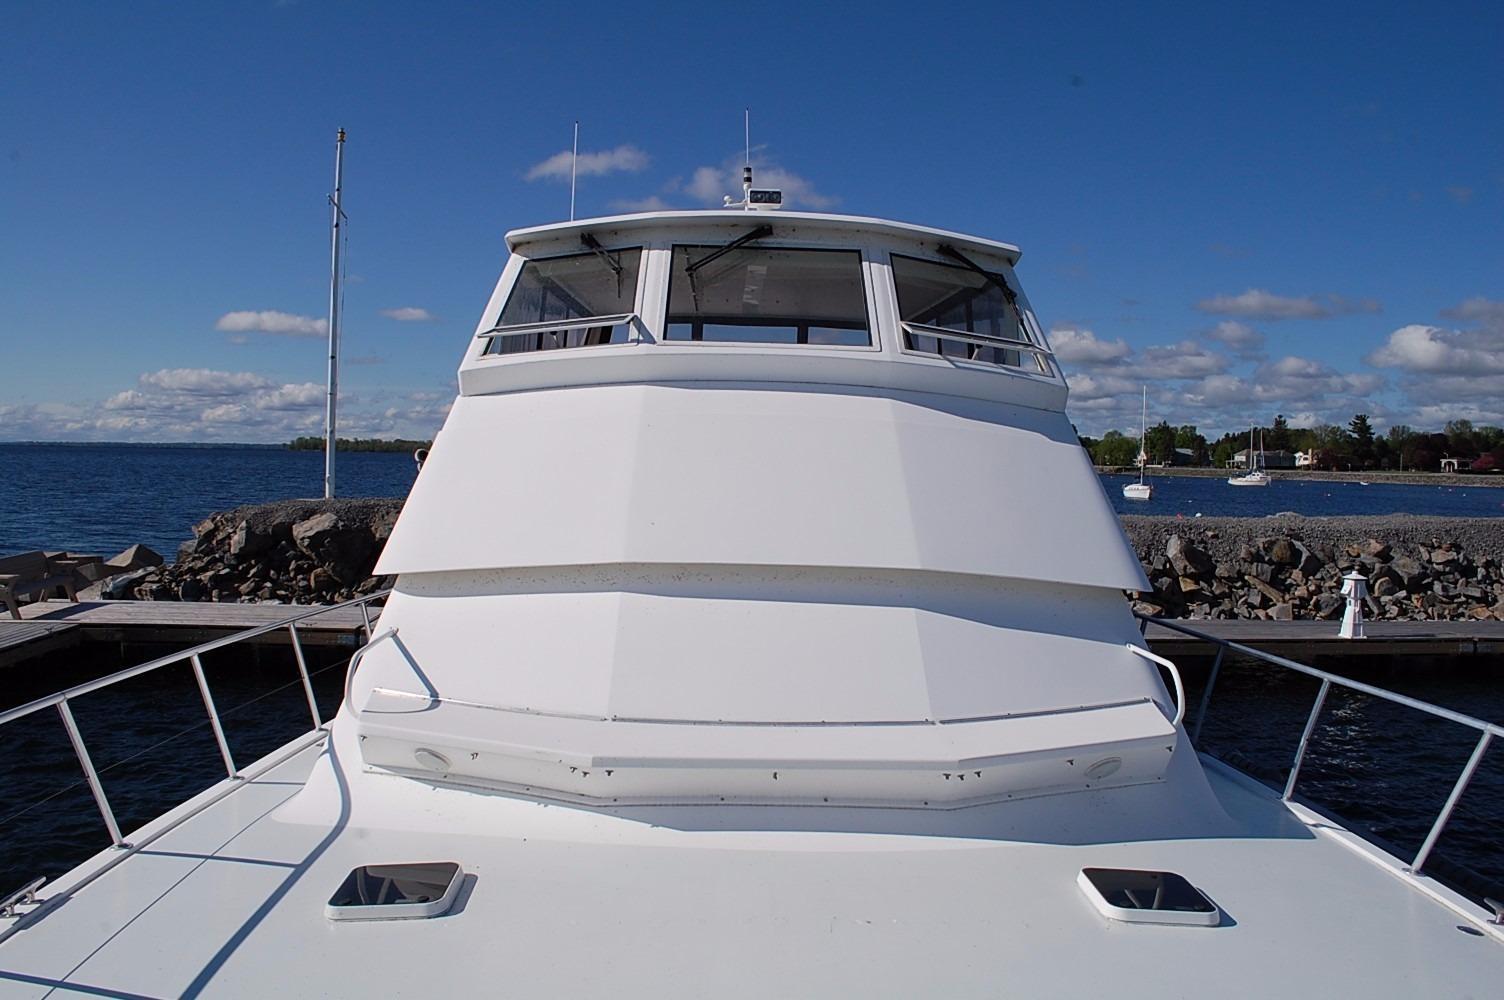 60 viking yachts 1998 freyja ft lauderdale denison for 60 viking motor yacht for sale